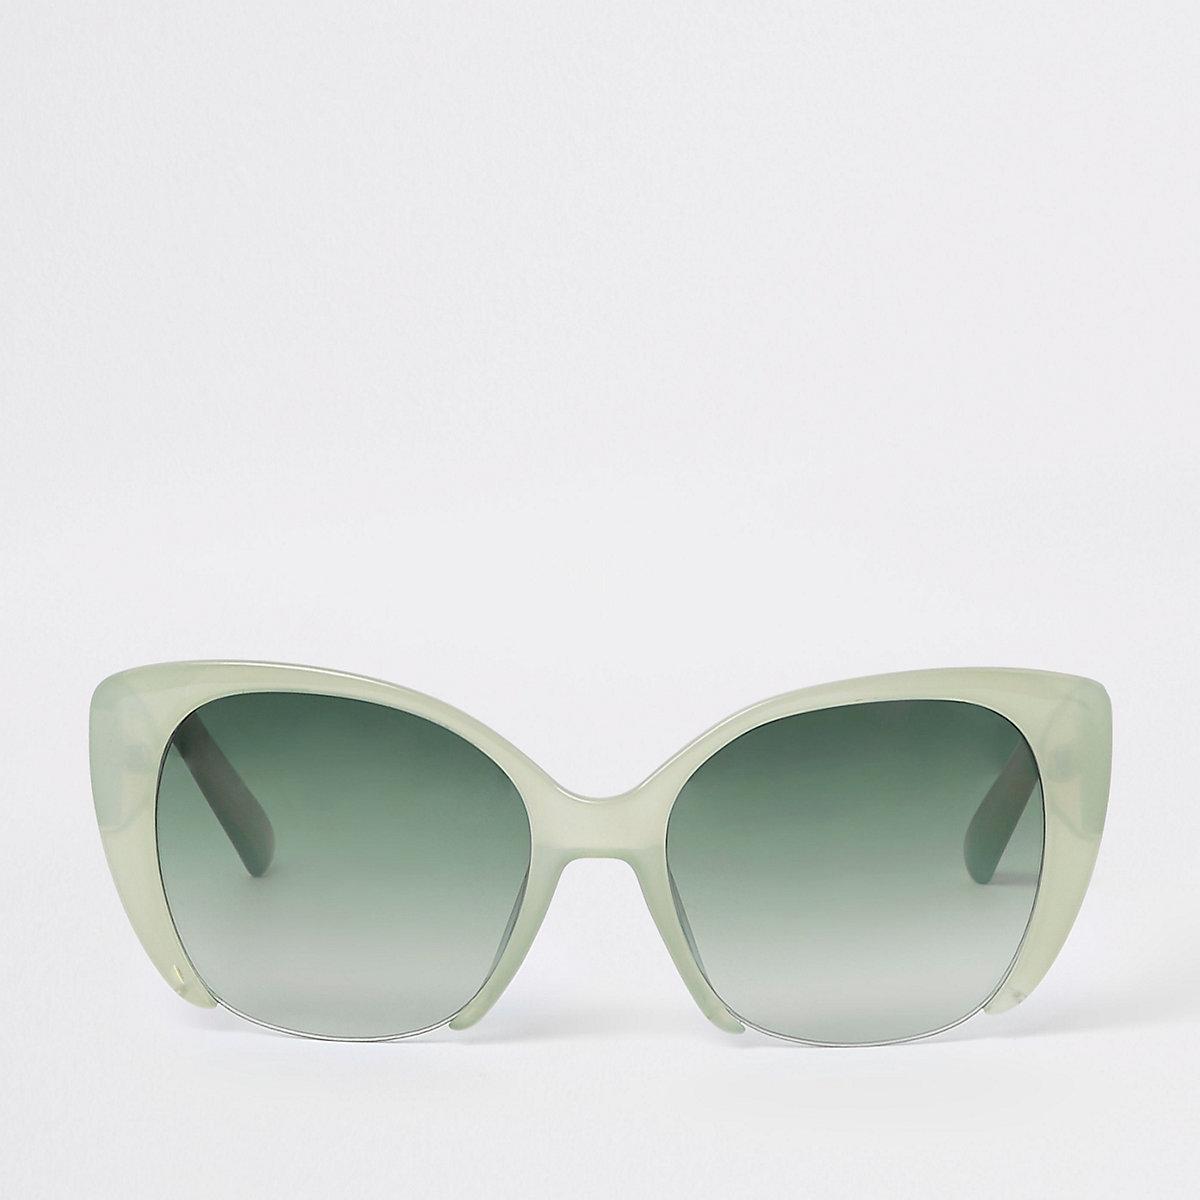 Green lens cat eye sunglasses